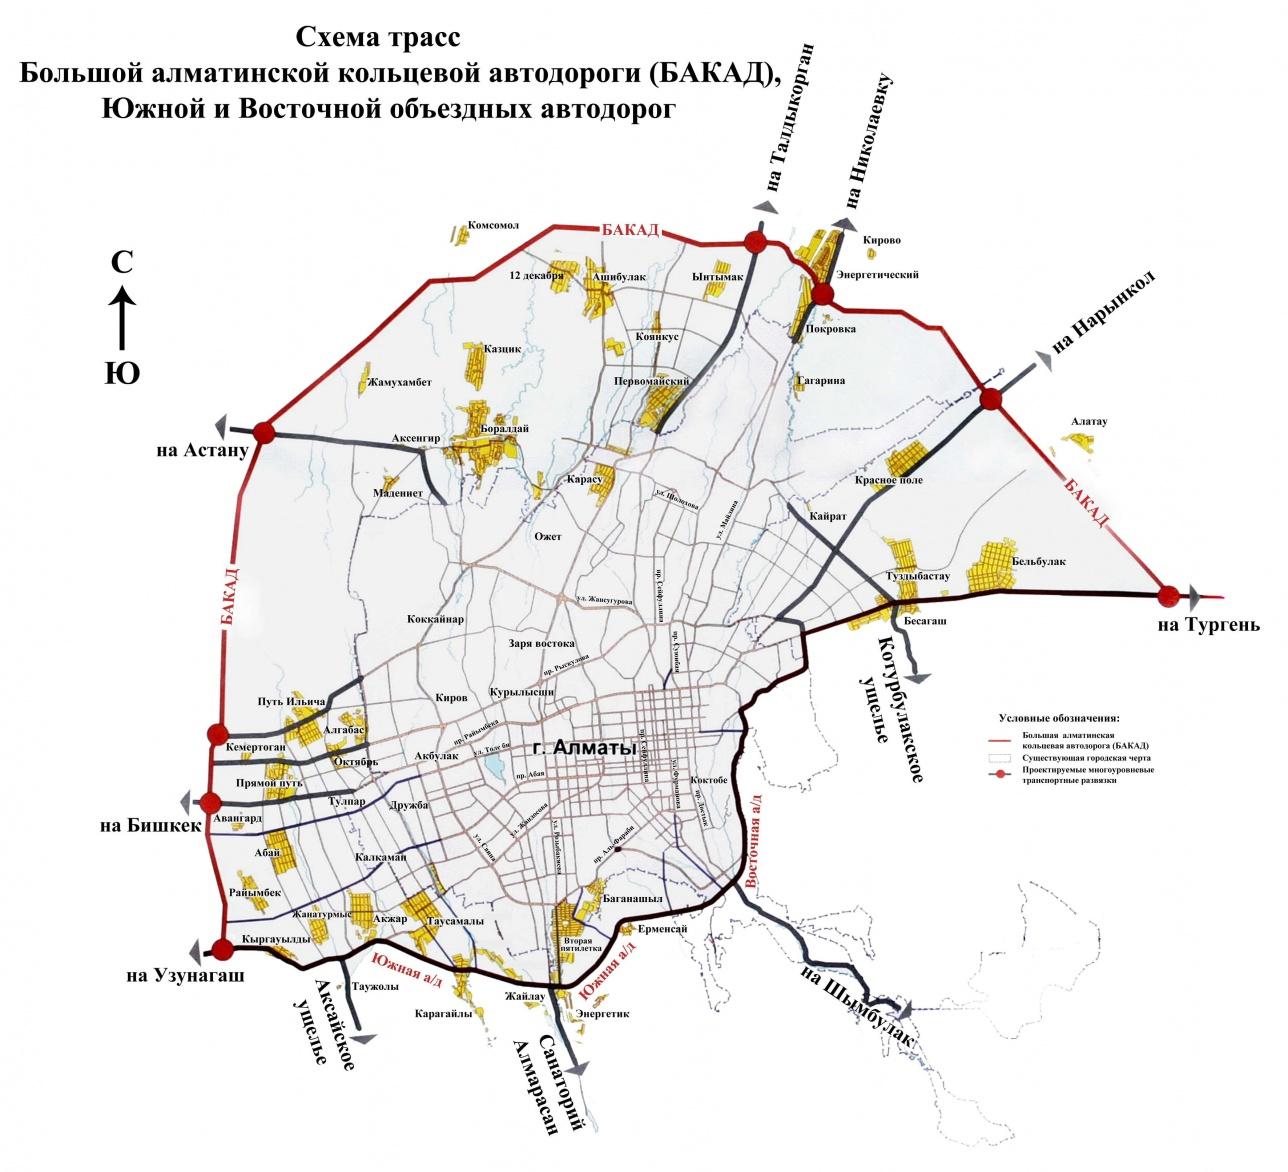 20 тысяч деревьев вырубят близ Алматы из-за строительства БАКАД